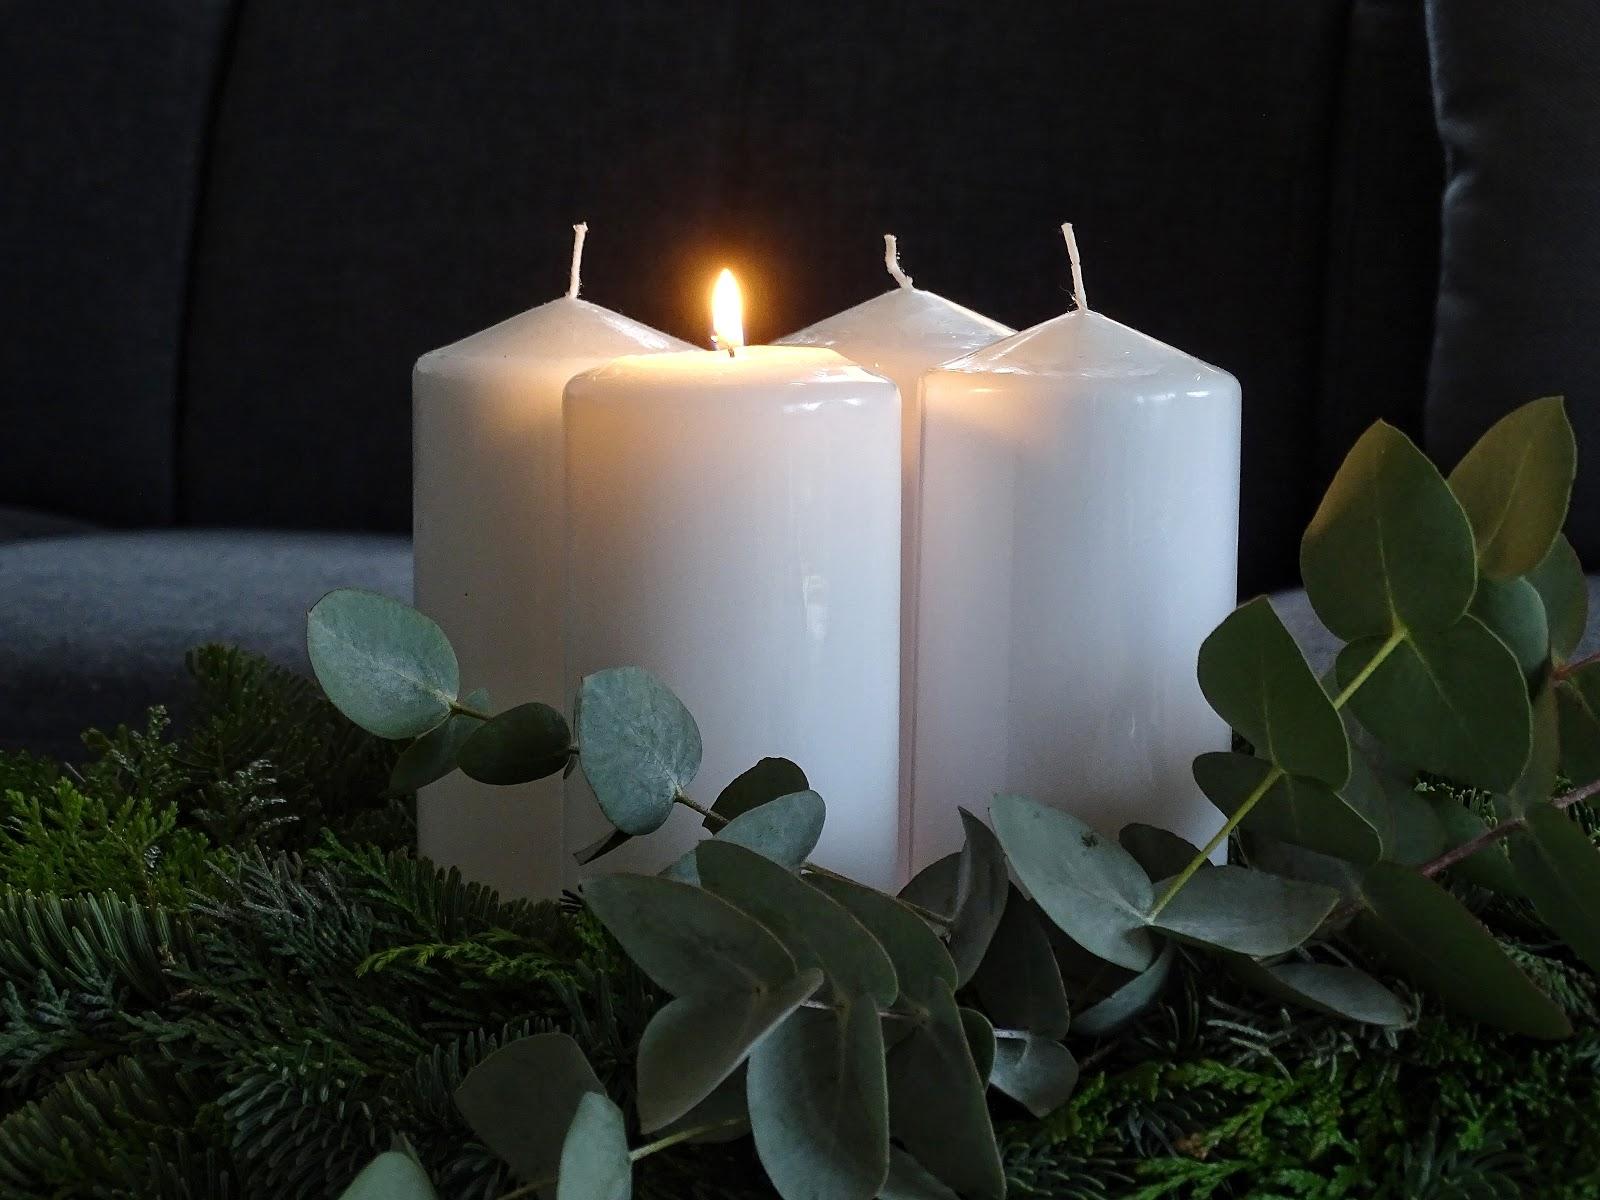 Minimalistischer, natürlicher Adventskranz mit Eukalyptus - Lieblinge, Momente und Motive einer Woche - https://mammilade.blogspot.de